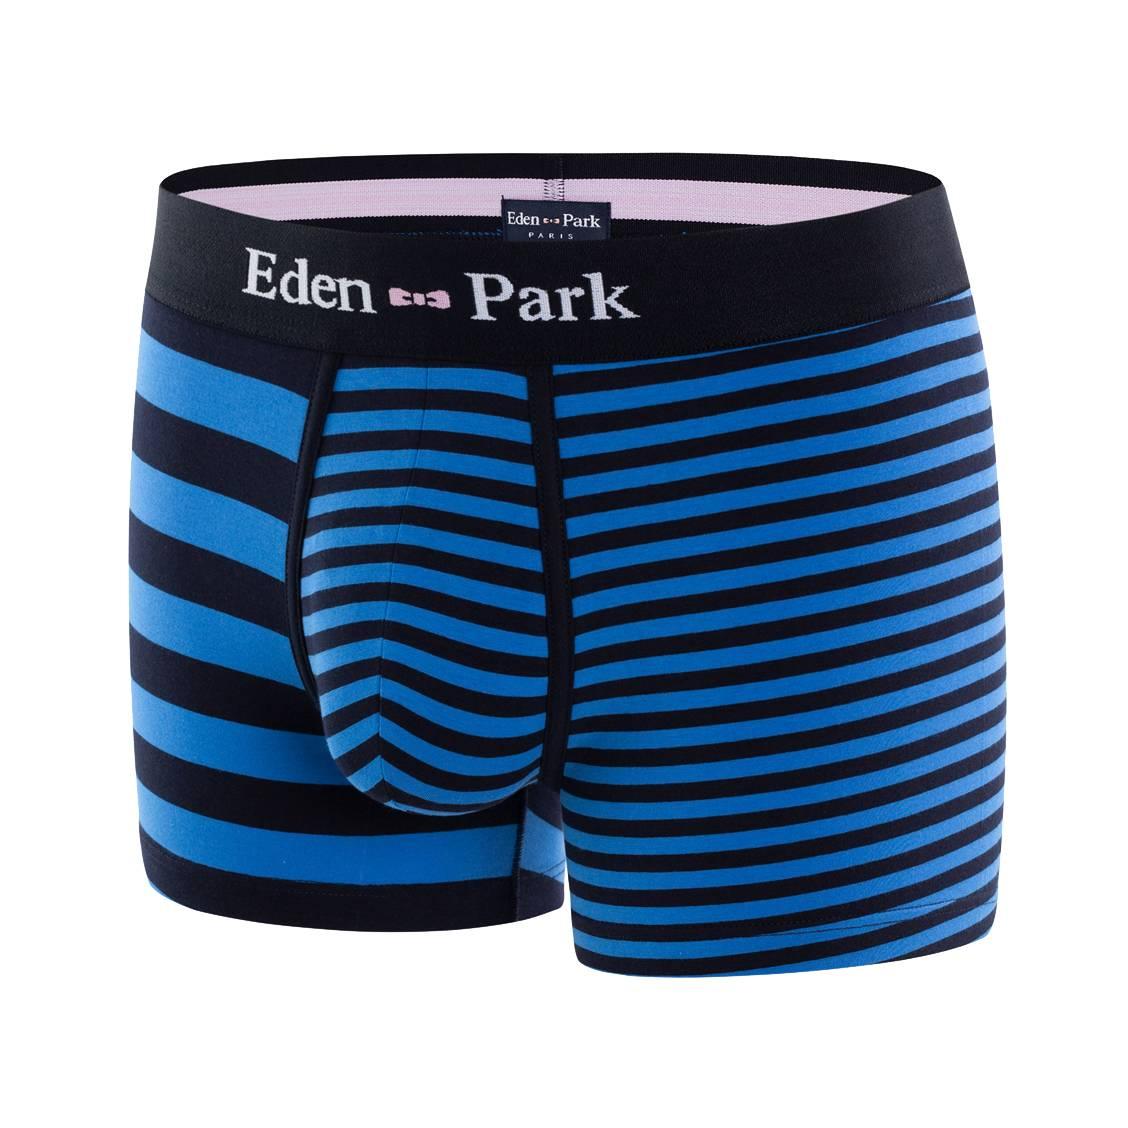 Boxer eden park en coton stretch bleu pétrole à rayures dissymétriques bleu marine